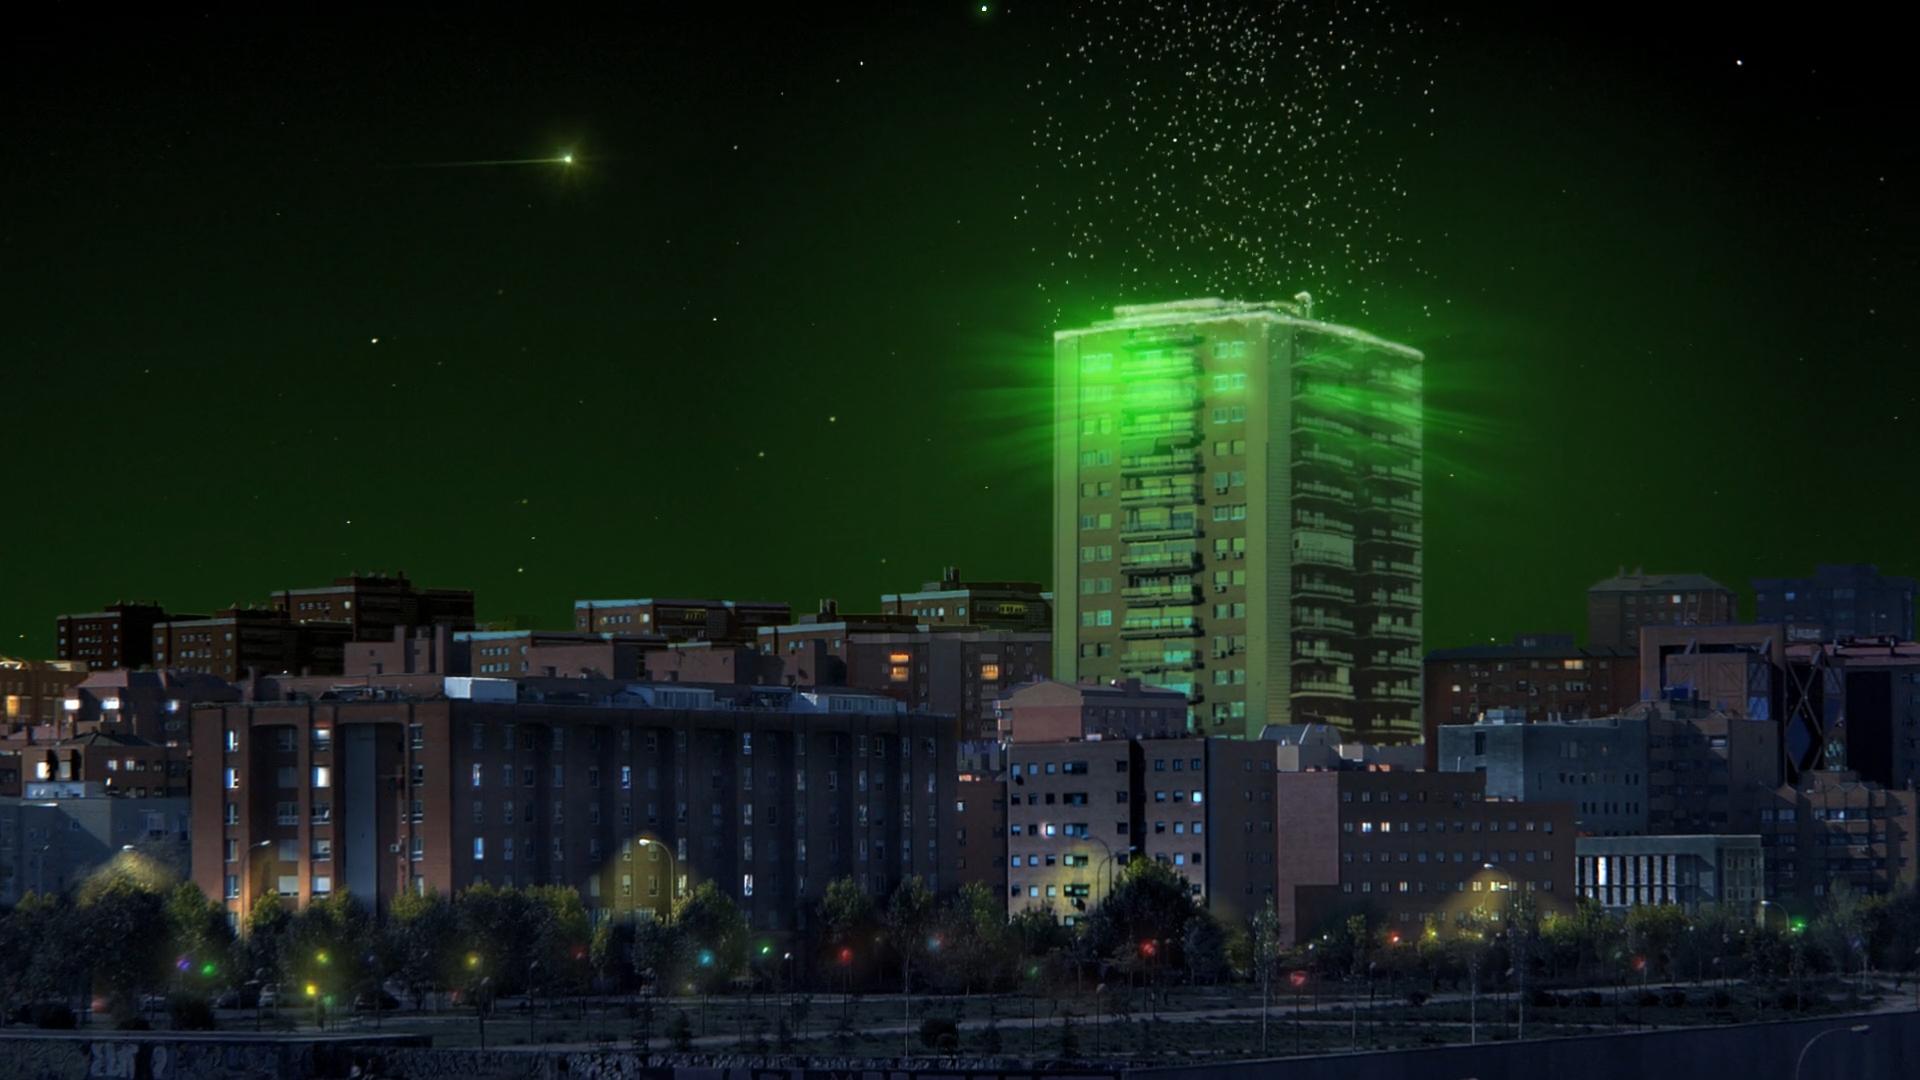 feliz-navidad-la-sexta-el-exilio-luces-edificio-estrella-video-1920x1080.jpg